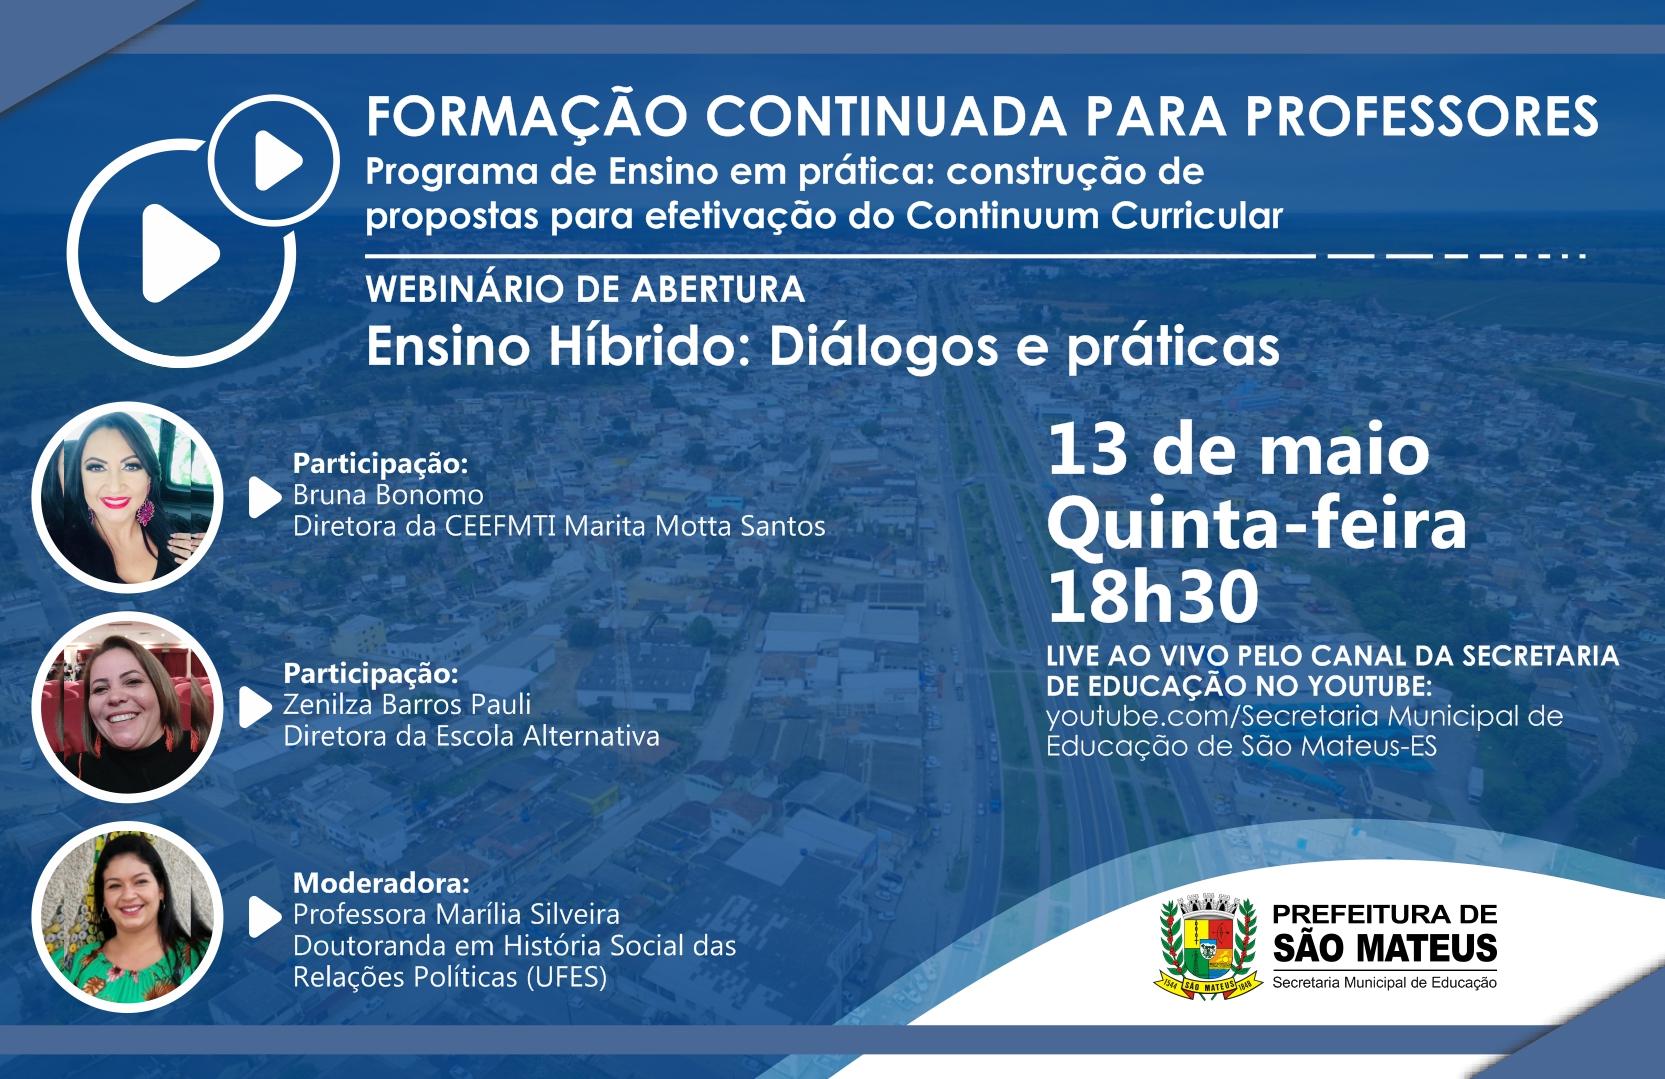 PREFEITURA DE SÃO MATEUS ABRE INSCRIÇÕES DE FORMAÇÃO CONTINUADA PARA PROFESSORES DA REDE